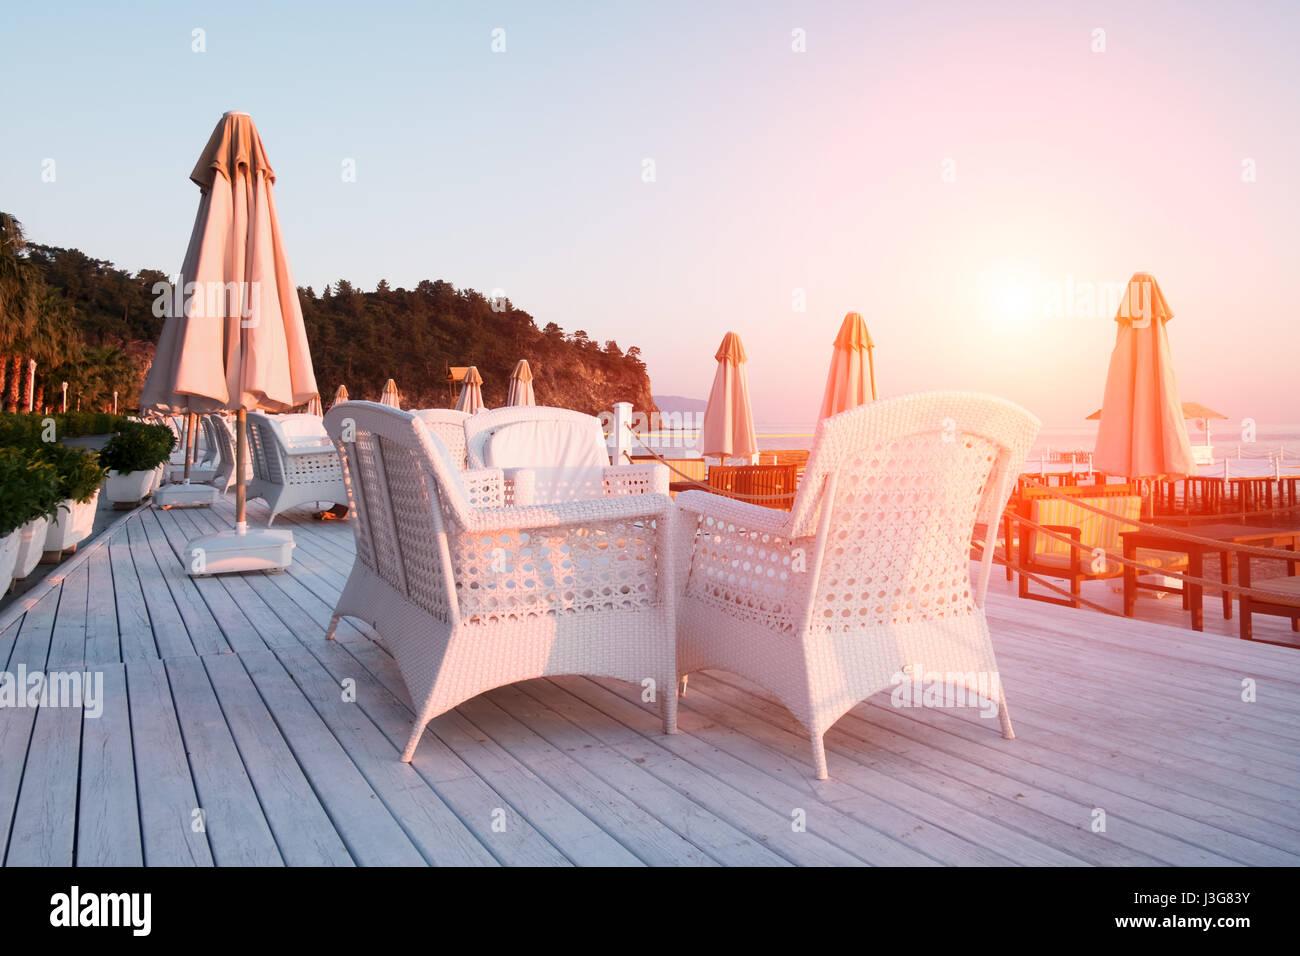 Restaurant d'été sur la plage. Vue imprenable sur la mer méditerranée. Terrasse en bois Photo Stock